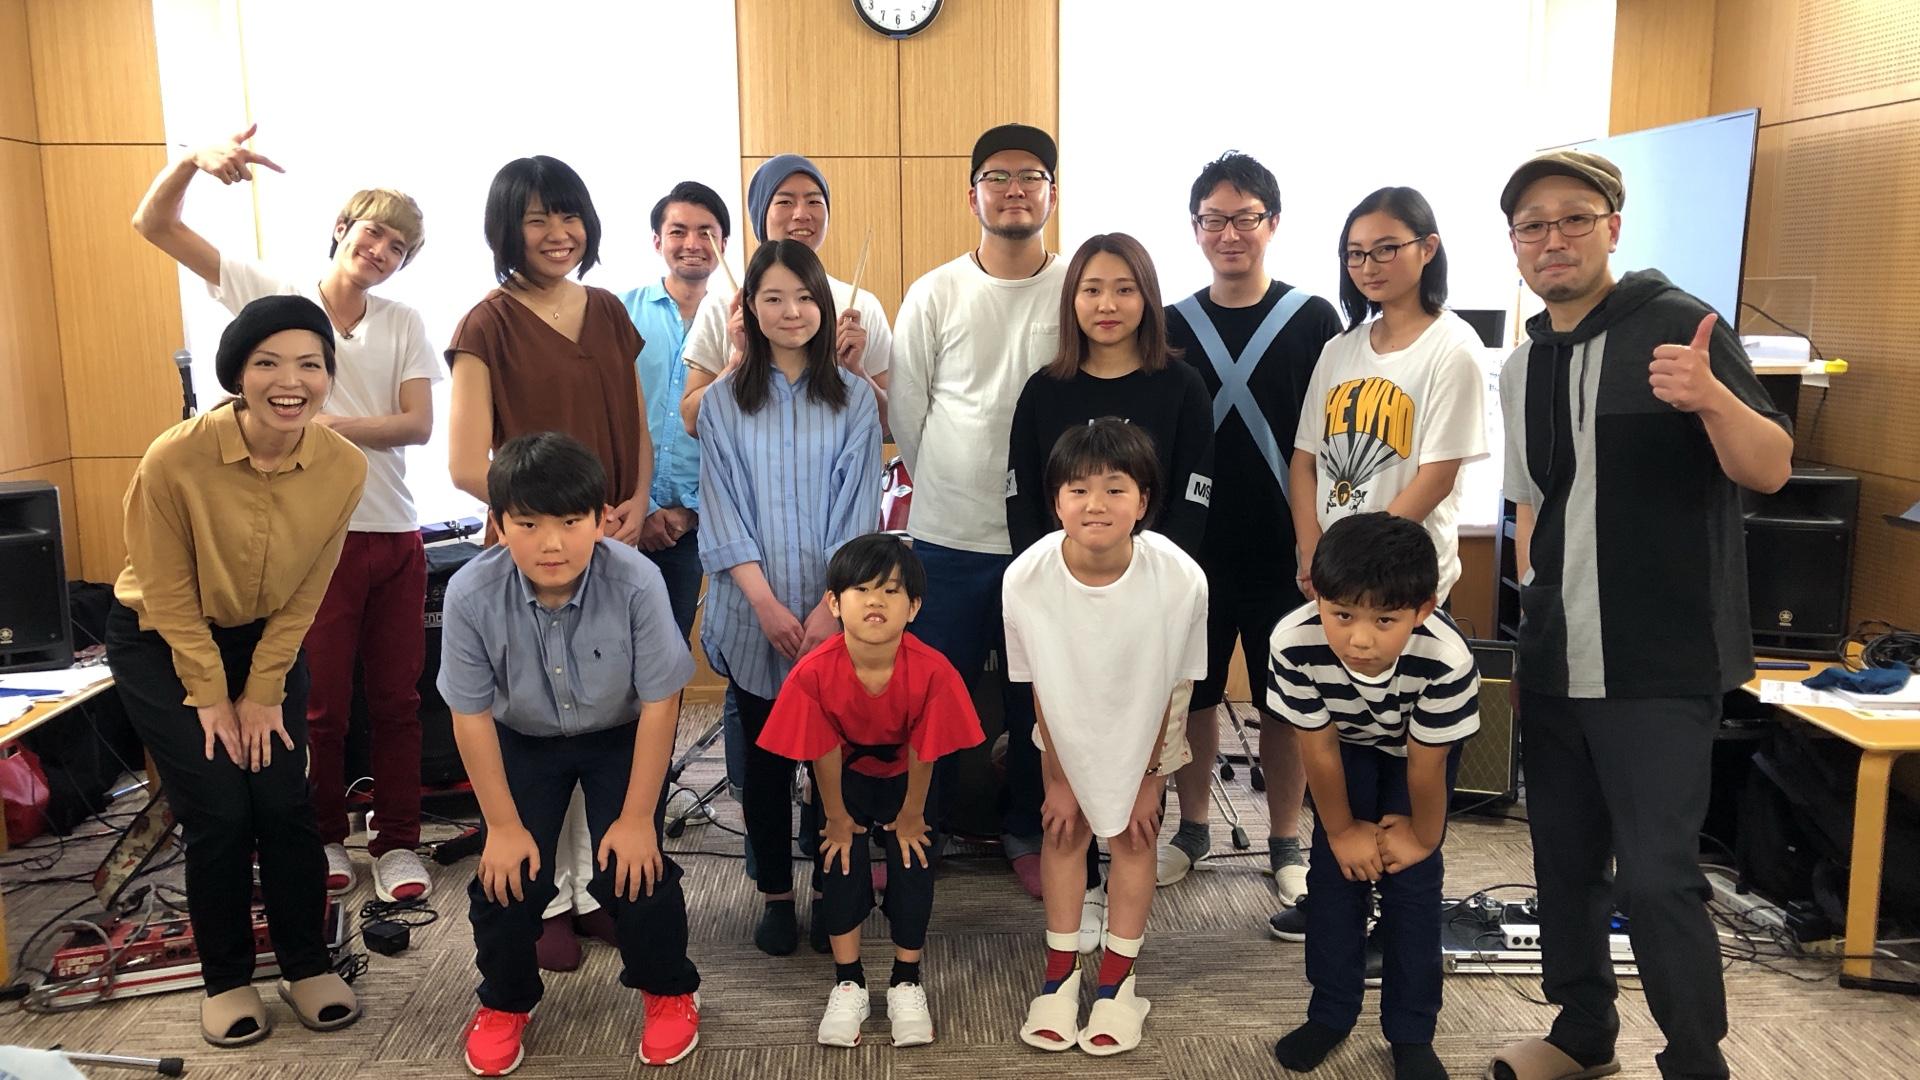 2019年6月に 群馬県 高崎市 内で開催された、ライドオン ドラムスクール の 発表会ライブ♪